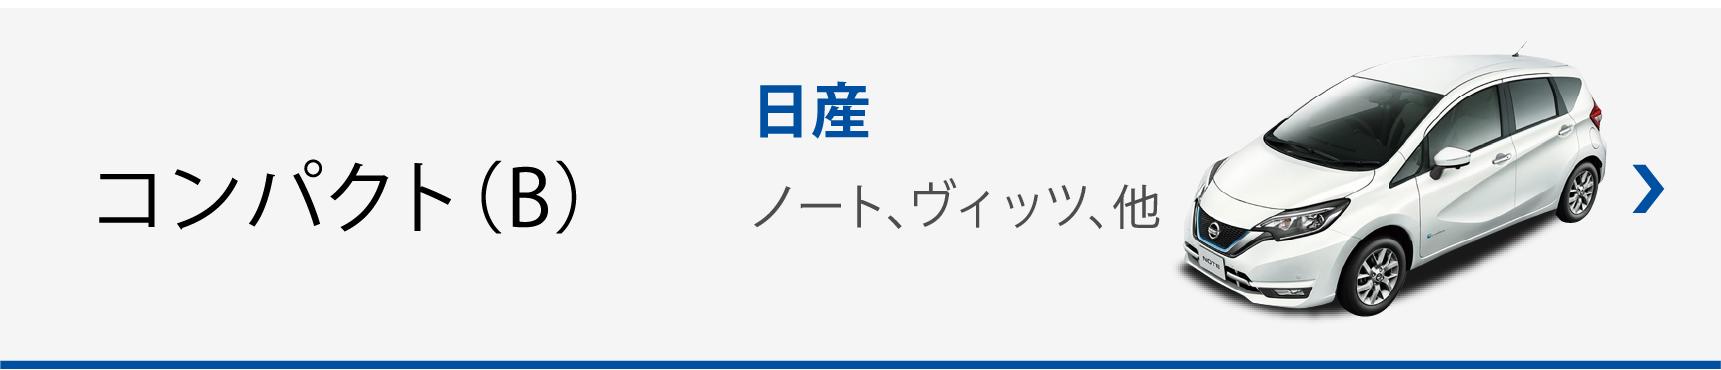 コンパクト(B)